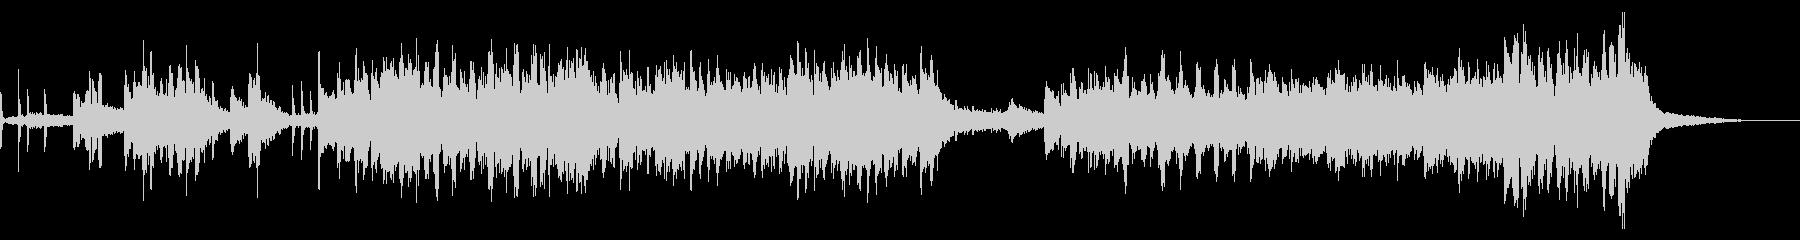 ハッスルフリーフォームニューエイジジャズの未再生の波形